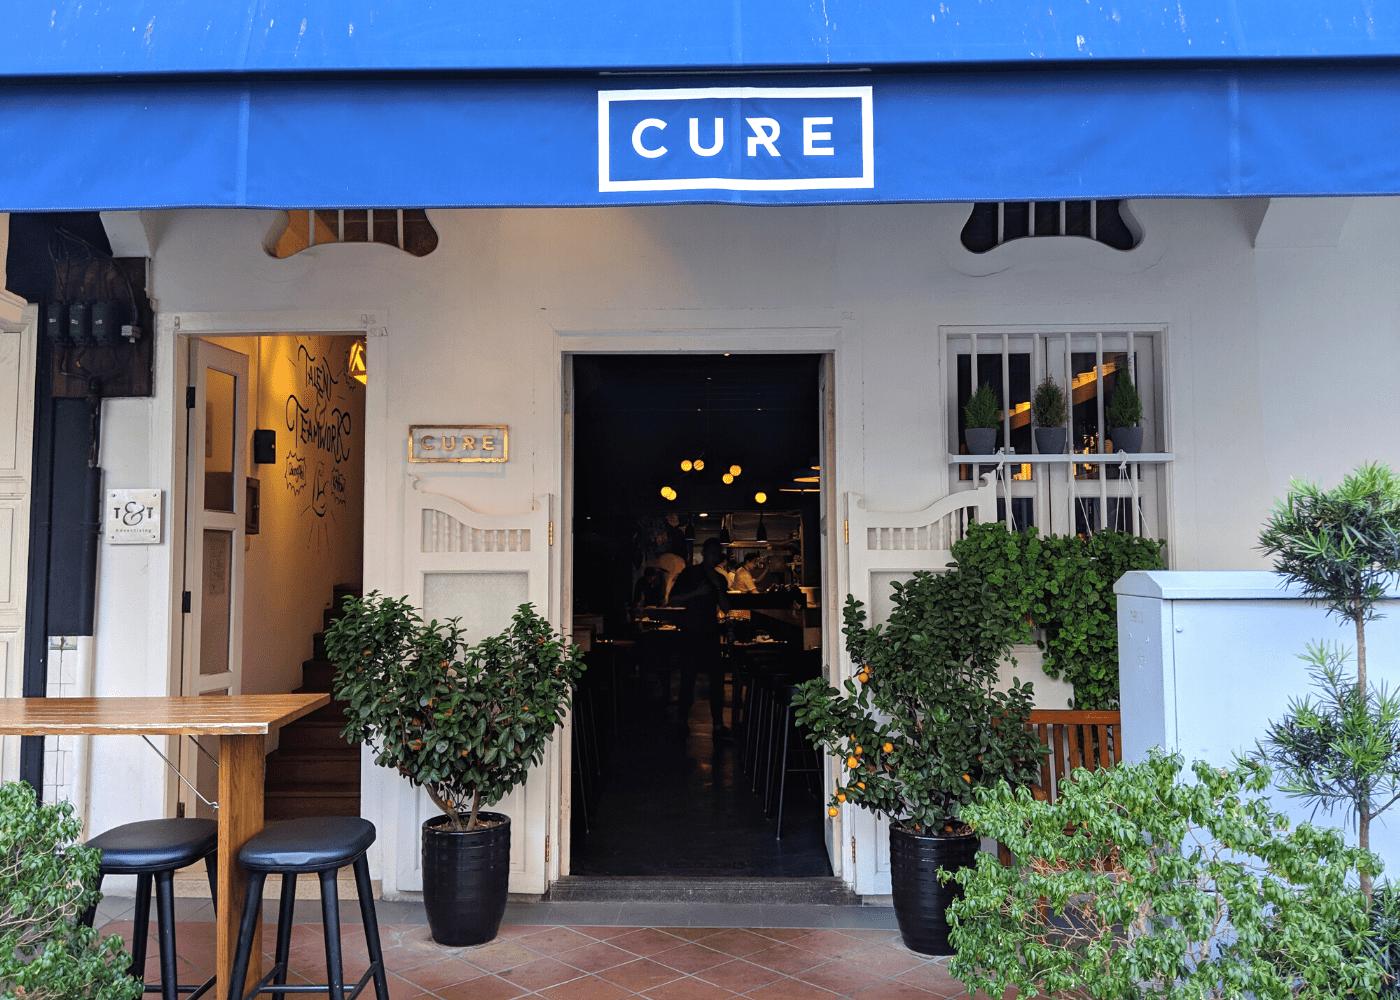 Cure restaurant at Keong Saik